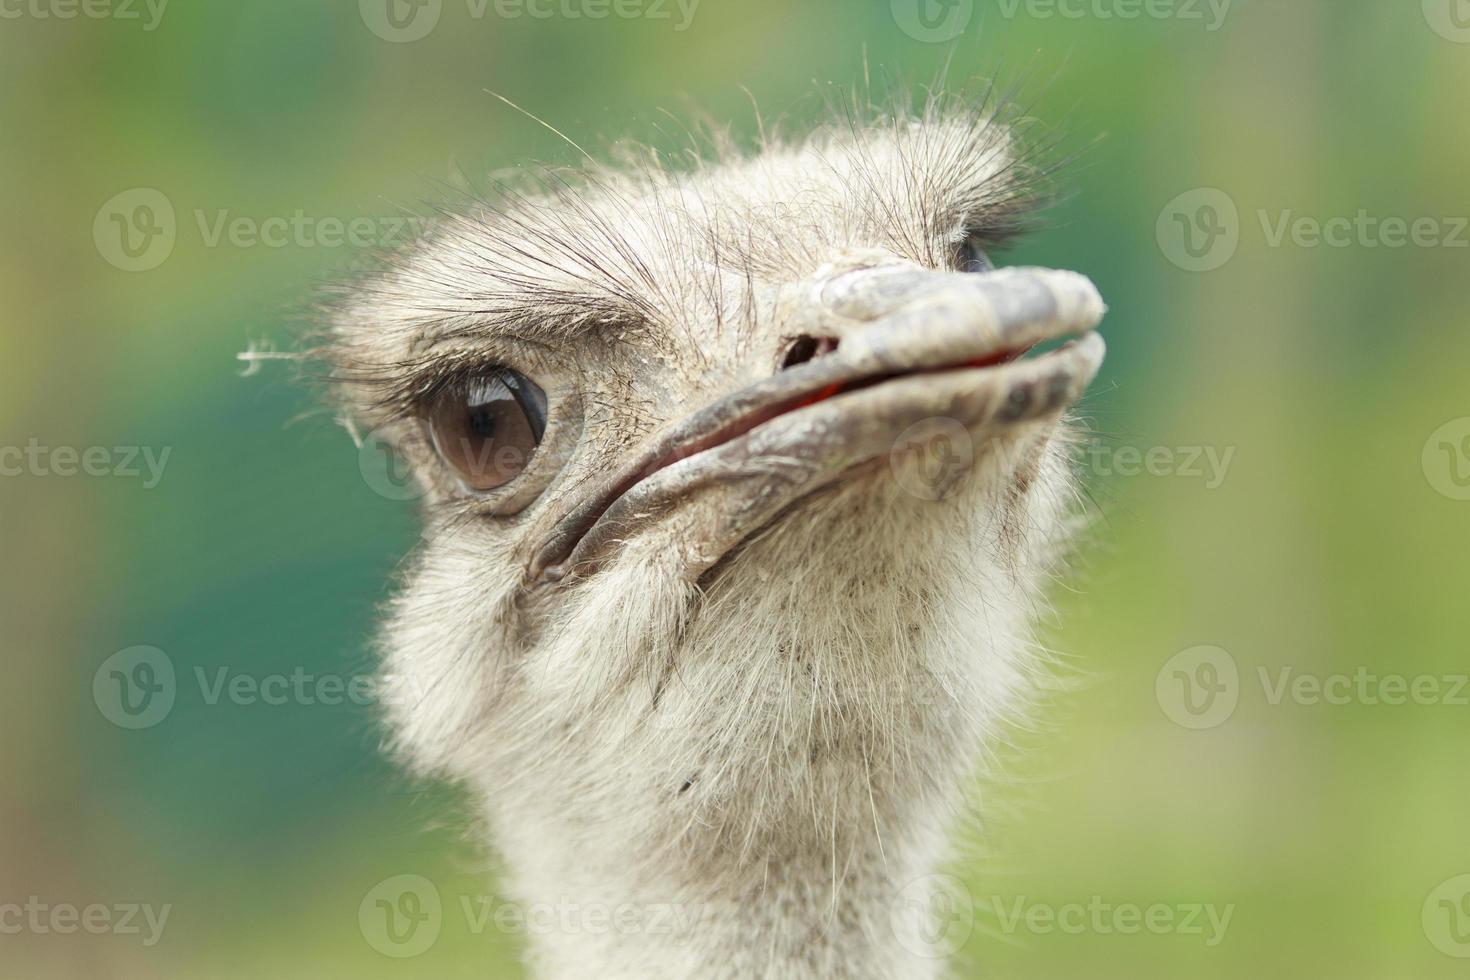 Ostrich close-up photo